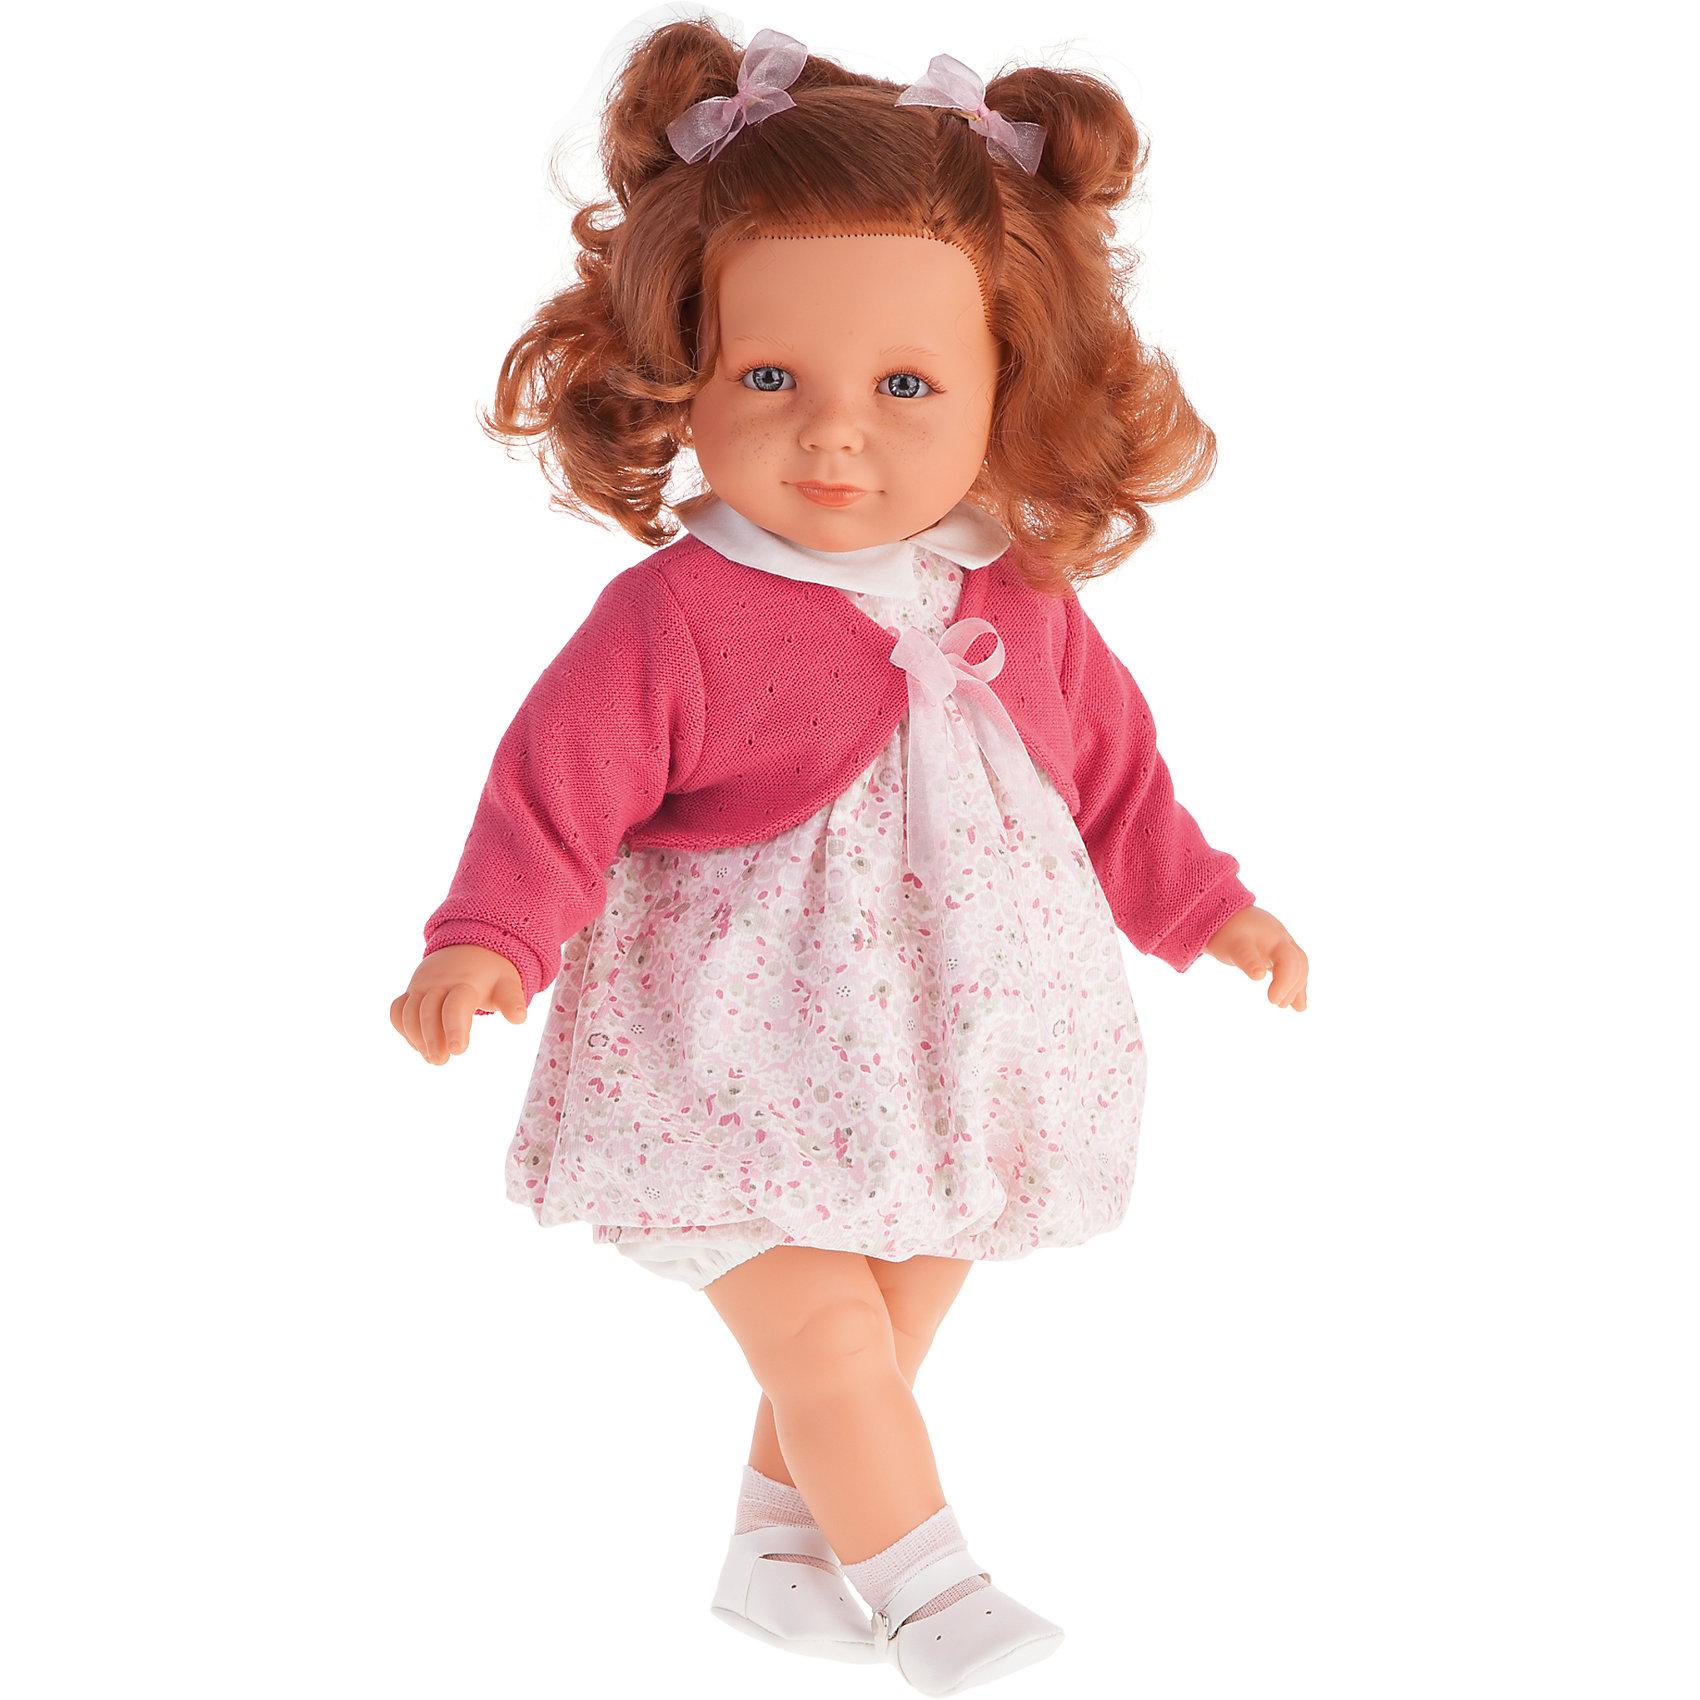 Кукла Нина в ярко-розовом, 55 см, Munecas Antonio JuanБренды кукол<br>Кукла Нина в розовом, 55 см, Munecas Antonio Juan (Мунекас от Антонио Хуан) ? это очаровательная малышка от всемирно известного испанского бренда Мунекас от Антонио Хуан, который знаменит своими реалистичными куклами. Кукла изготовлена из винила высшего качества, ее тело ? мягконабивное. Ручки и ножки подвижны, глазки не закрываются. <br>Маленькая девочка Нина с озорными локонами рыжего цвета, с голубыми глазами, нежными чертами лица, розовыми щечками, пухленькими губками и даже с веснушками. Длинные волосы Нины позволят их укладывать в разные прически или заплетать косички. Нина уже большая девочка, она весело смеется, говорит «мама» и «папа». Эта малышка непременно станет лучшей подружкой для вашей дочери.<br>Кукла Нина в розовом, 55 см, Munecas Antonio Juan (Мунекас от Антонио Хуан) разработана с учетом анатомических особенностей и мимики младенцев. Играя с куклой, ваш ребенок реалистично проживает роль «мамы», учится ухаживать за малышом, заботиться о нем.<br>Нина ? настоящая модница. Ее нежное платьице разработано современными европейскими дизайнерами, поверх платья на Нине надето розовое болеро с завязками. На ножках носочки и белые ботиночки. Весь комплект одежды демонстрирует чувство стиля и вкуса в одежде.<br>Куклы JUAN ANTONIO munecas (Мунекас от Антонио Хуан) ? мечта девочки любого возраста!<br><br>Дополнительная информация:<br><br>- Вид игр: сюжетно-ролевые игры <br>- Дополнительные функции: смеется, говорит «мама» и «папа»<br>- Материал: пластик, винил, текстиль<br>- Высота куклы: 55 см<br>- Вес: 10 кг 050 г<br>- Батарейки: 3 шт. АА<br>- Особенности ухода: одежда ? ручная стирка, саму куклу мыть не рекомендуется <br><br>Подробнее:<br><br>• Для детей в возрасте: от 3 лет и до 6 лет<br>• Страна производитель: Испания<br>• Торговый бренд: JUAN ANTONIO munecas <br><br>Куклу Нину в розовом, 55 см, Munecas Antonio Juan (Мунекас от Антонио Хуан) можно купить в нашем интернет-магазине.<br><br